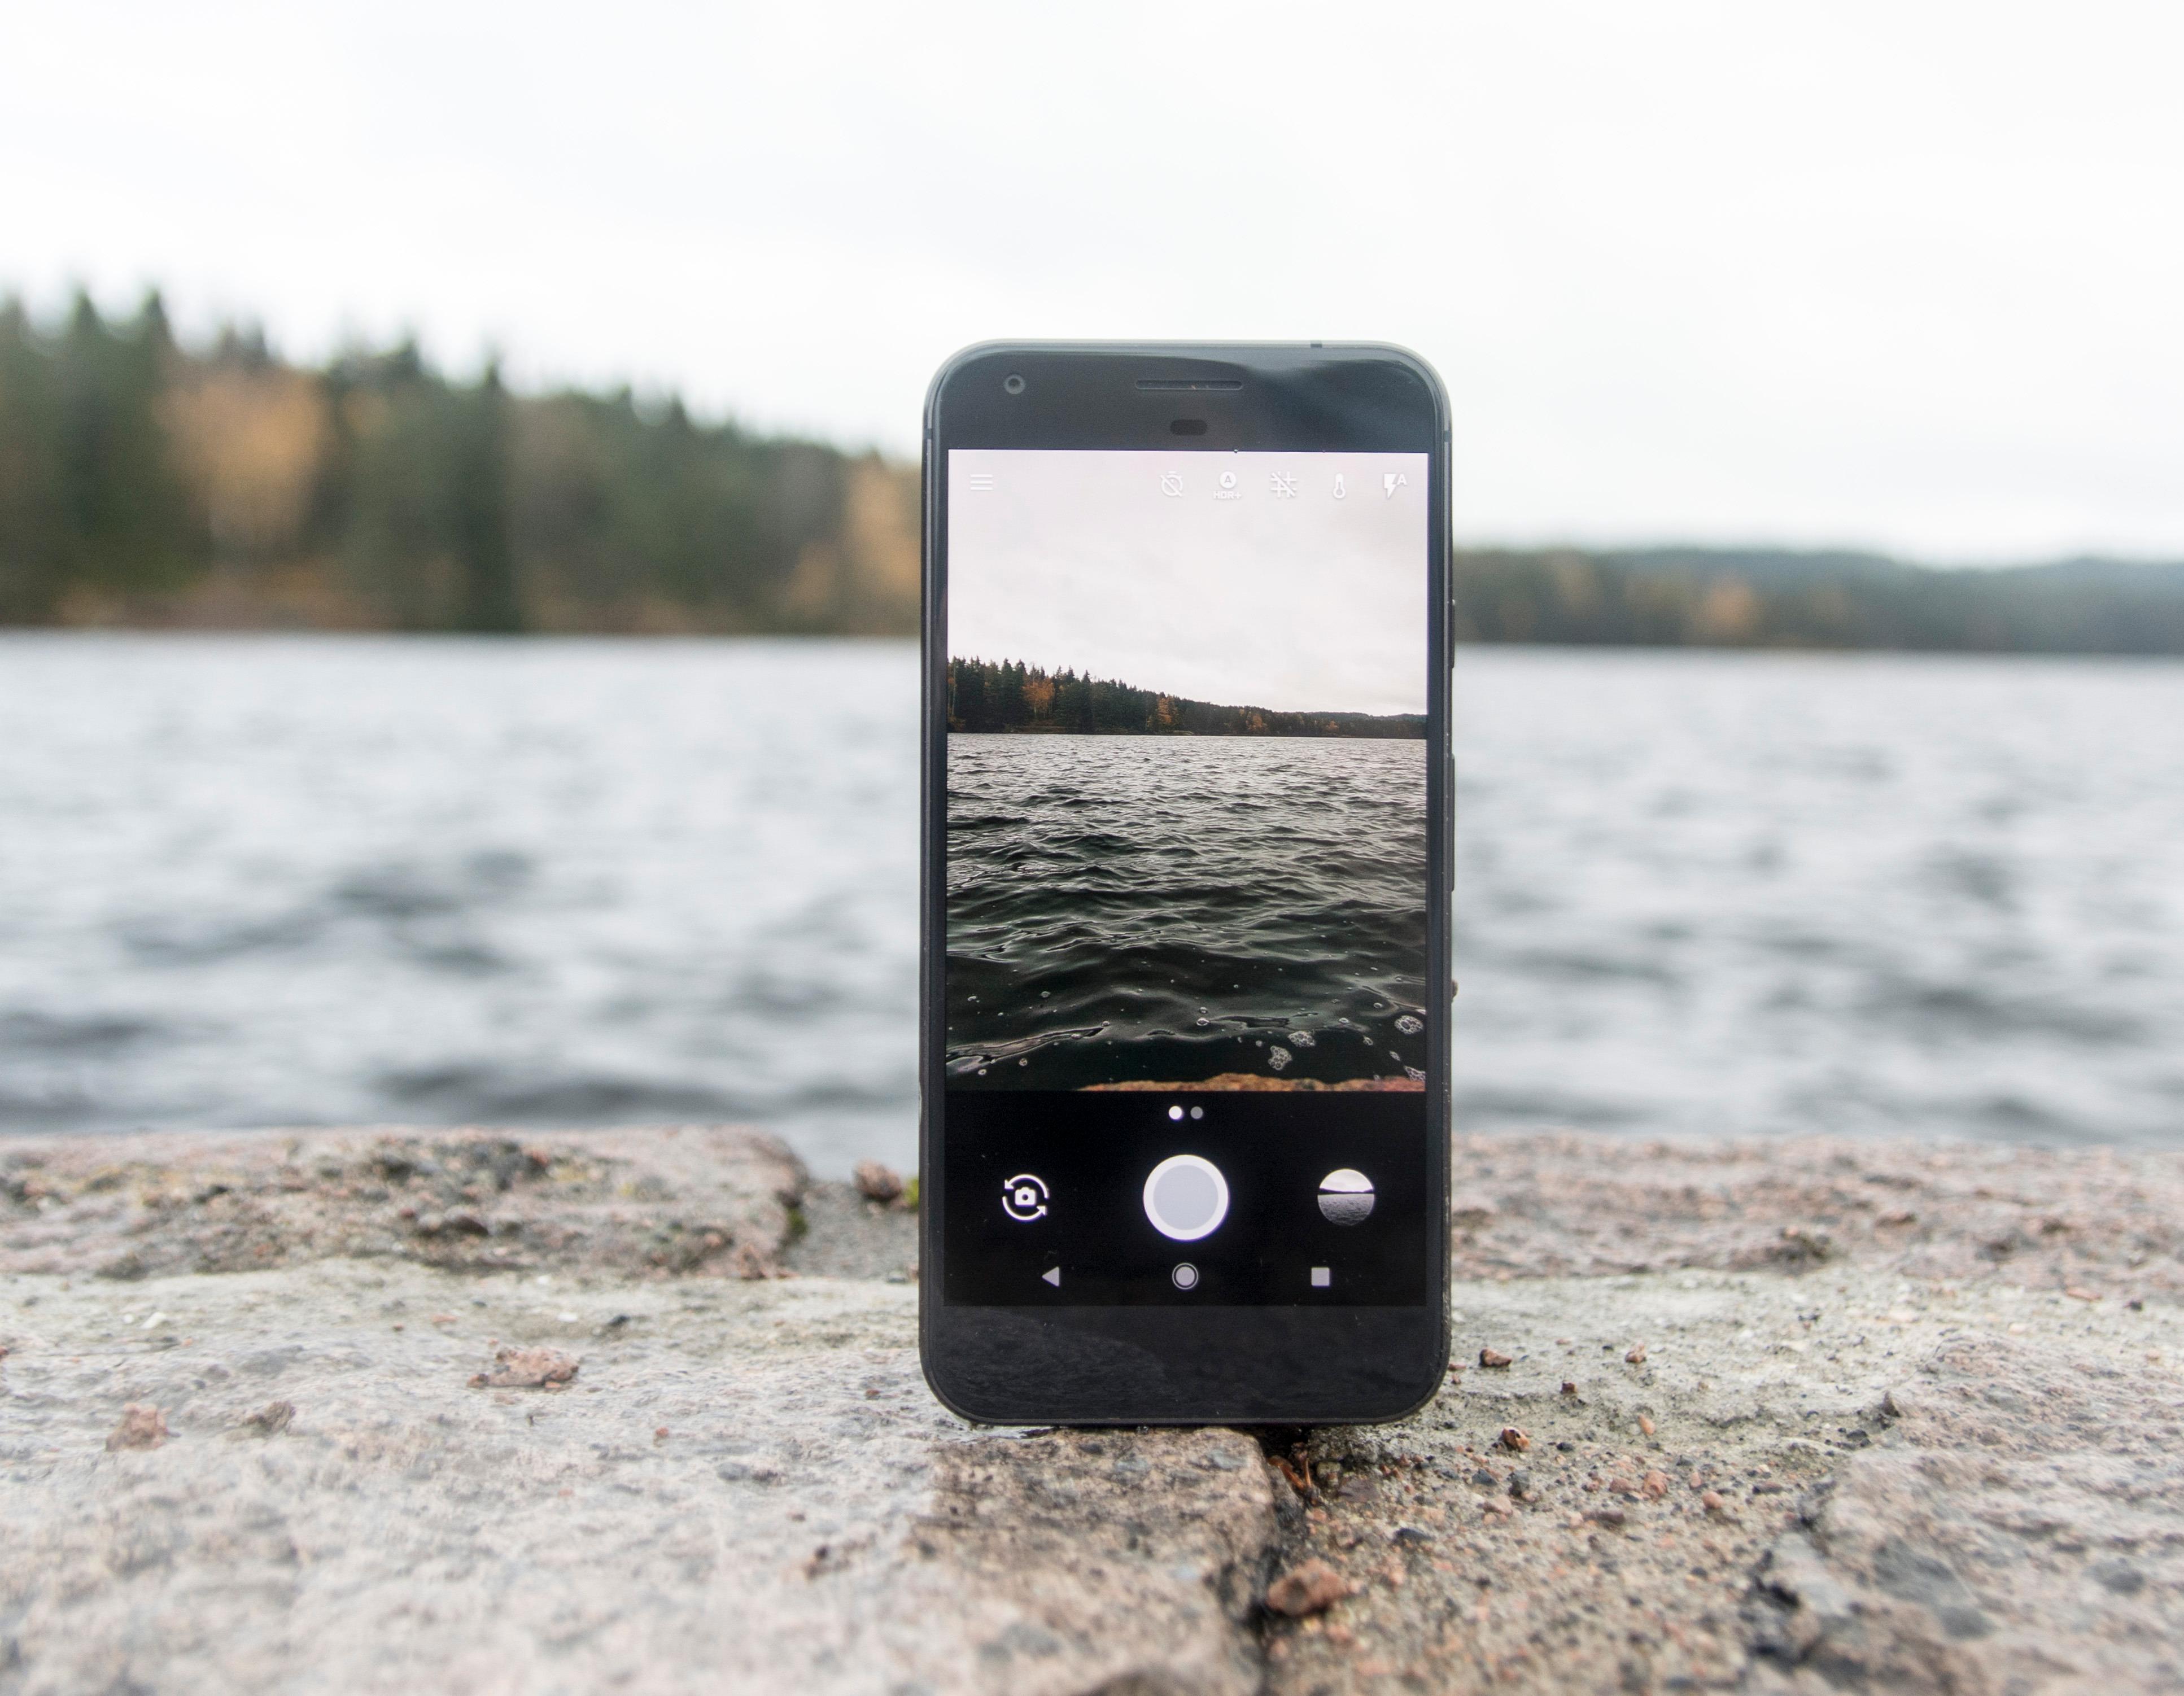 Du får ikke minnekortplass med Pixel XL, men du får et hav av plass i Googles skylagring for bilder.